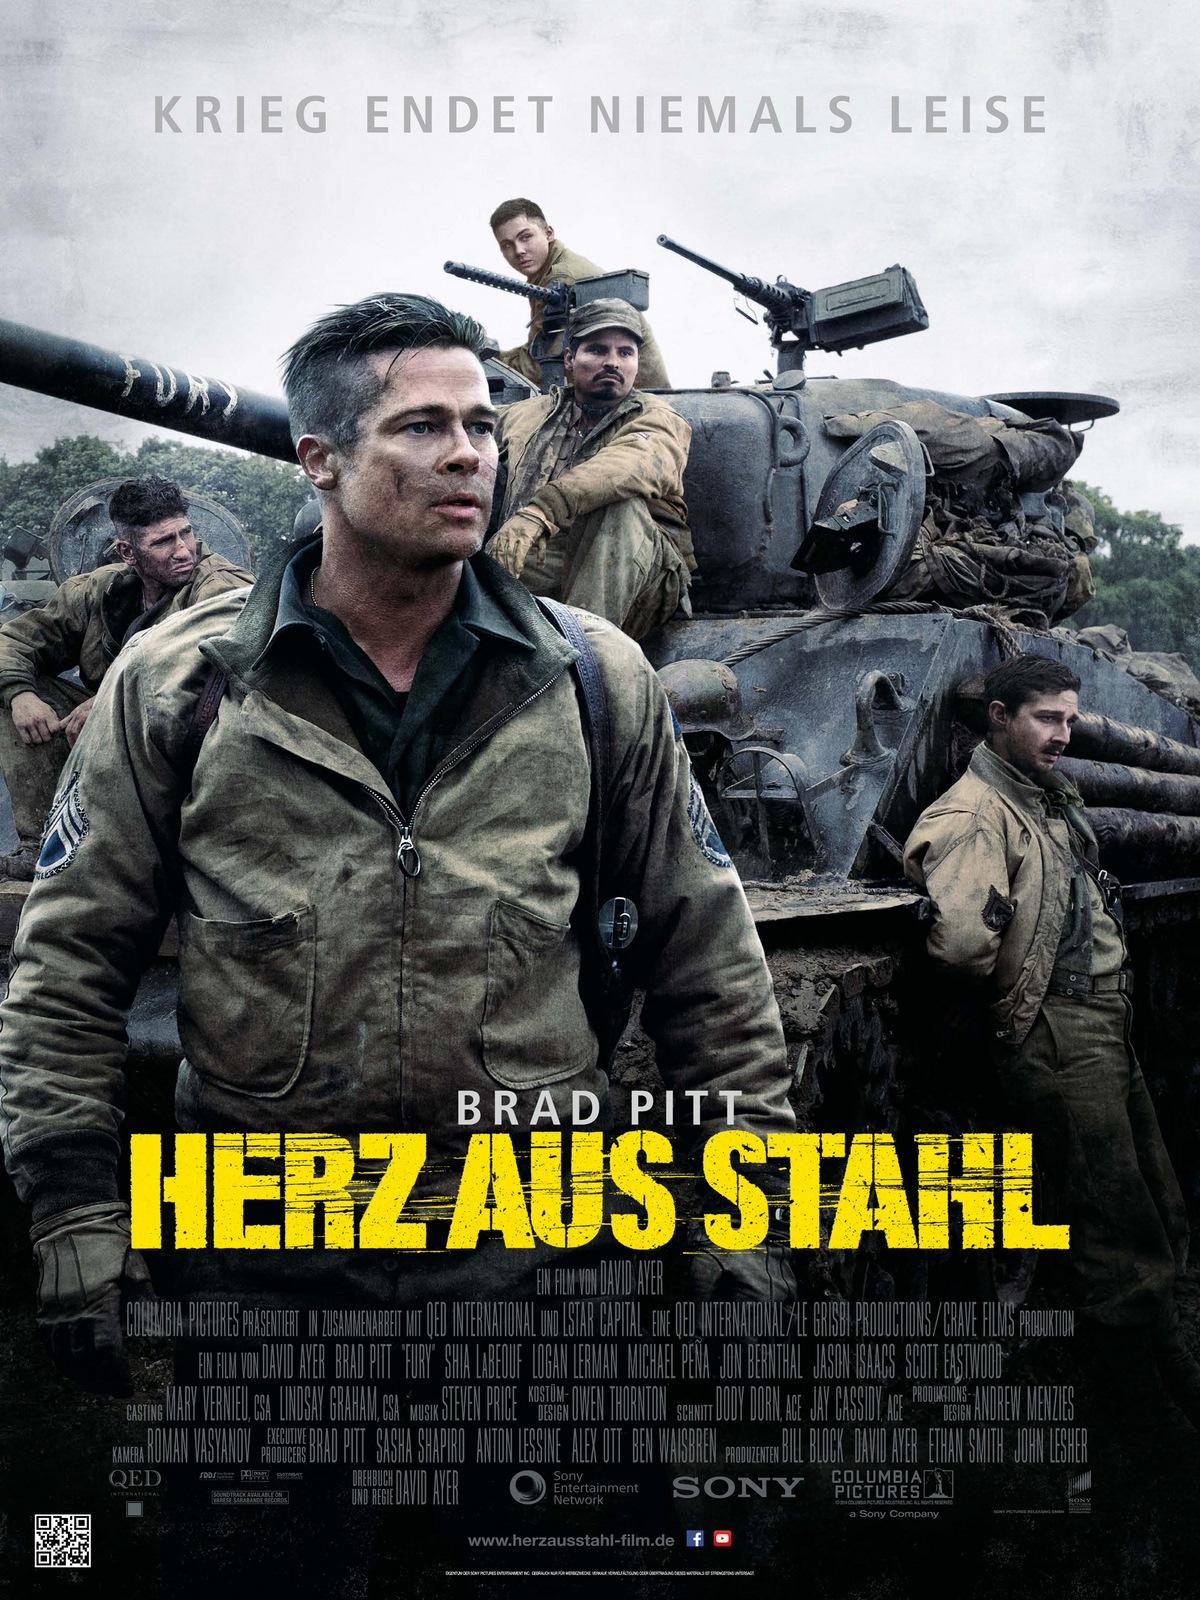 Herz.aus.Stahl.2014.German.Dubbed.2160p.WEB-DL.x265-NIMA4K